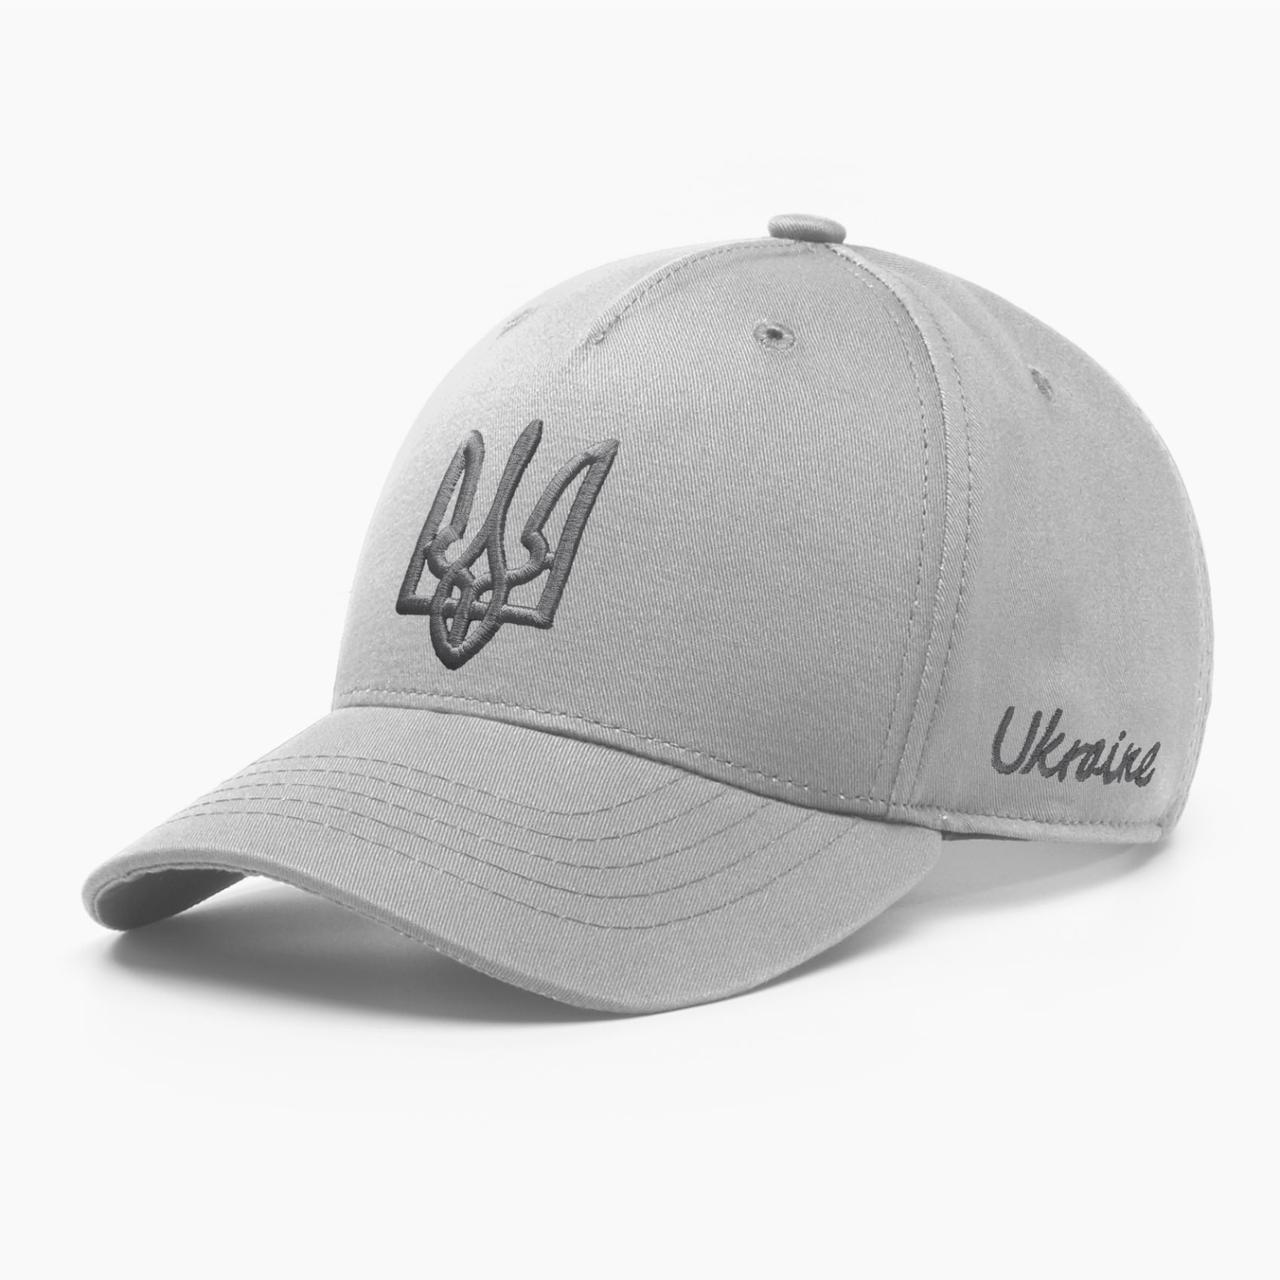 Дитяча кепка бейсболка INAL з гербом України XS / 51-52 RU Сірий 244351